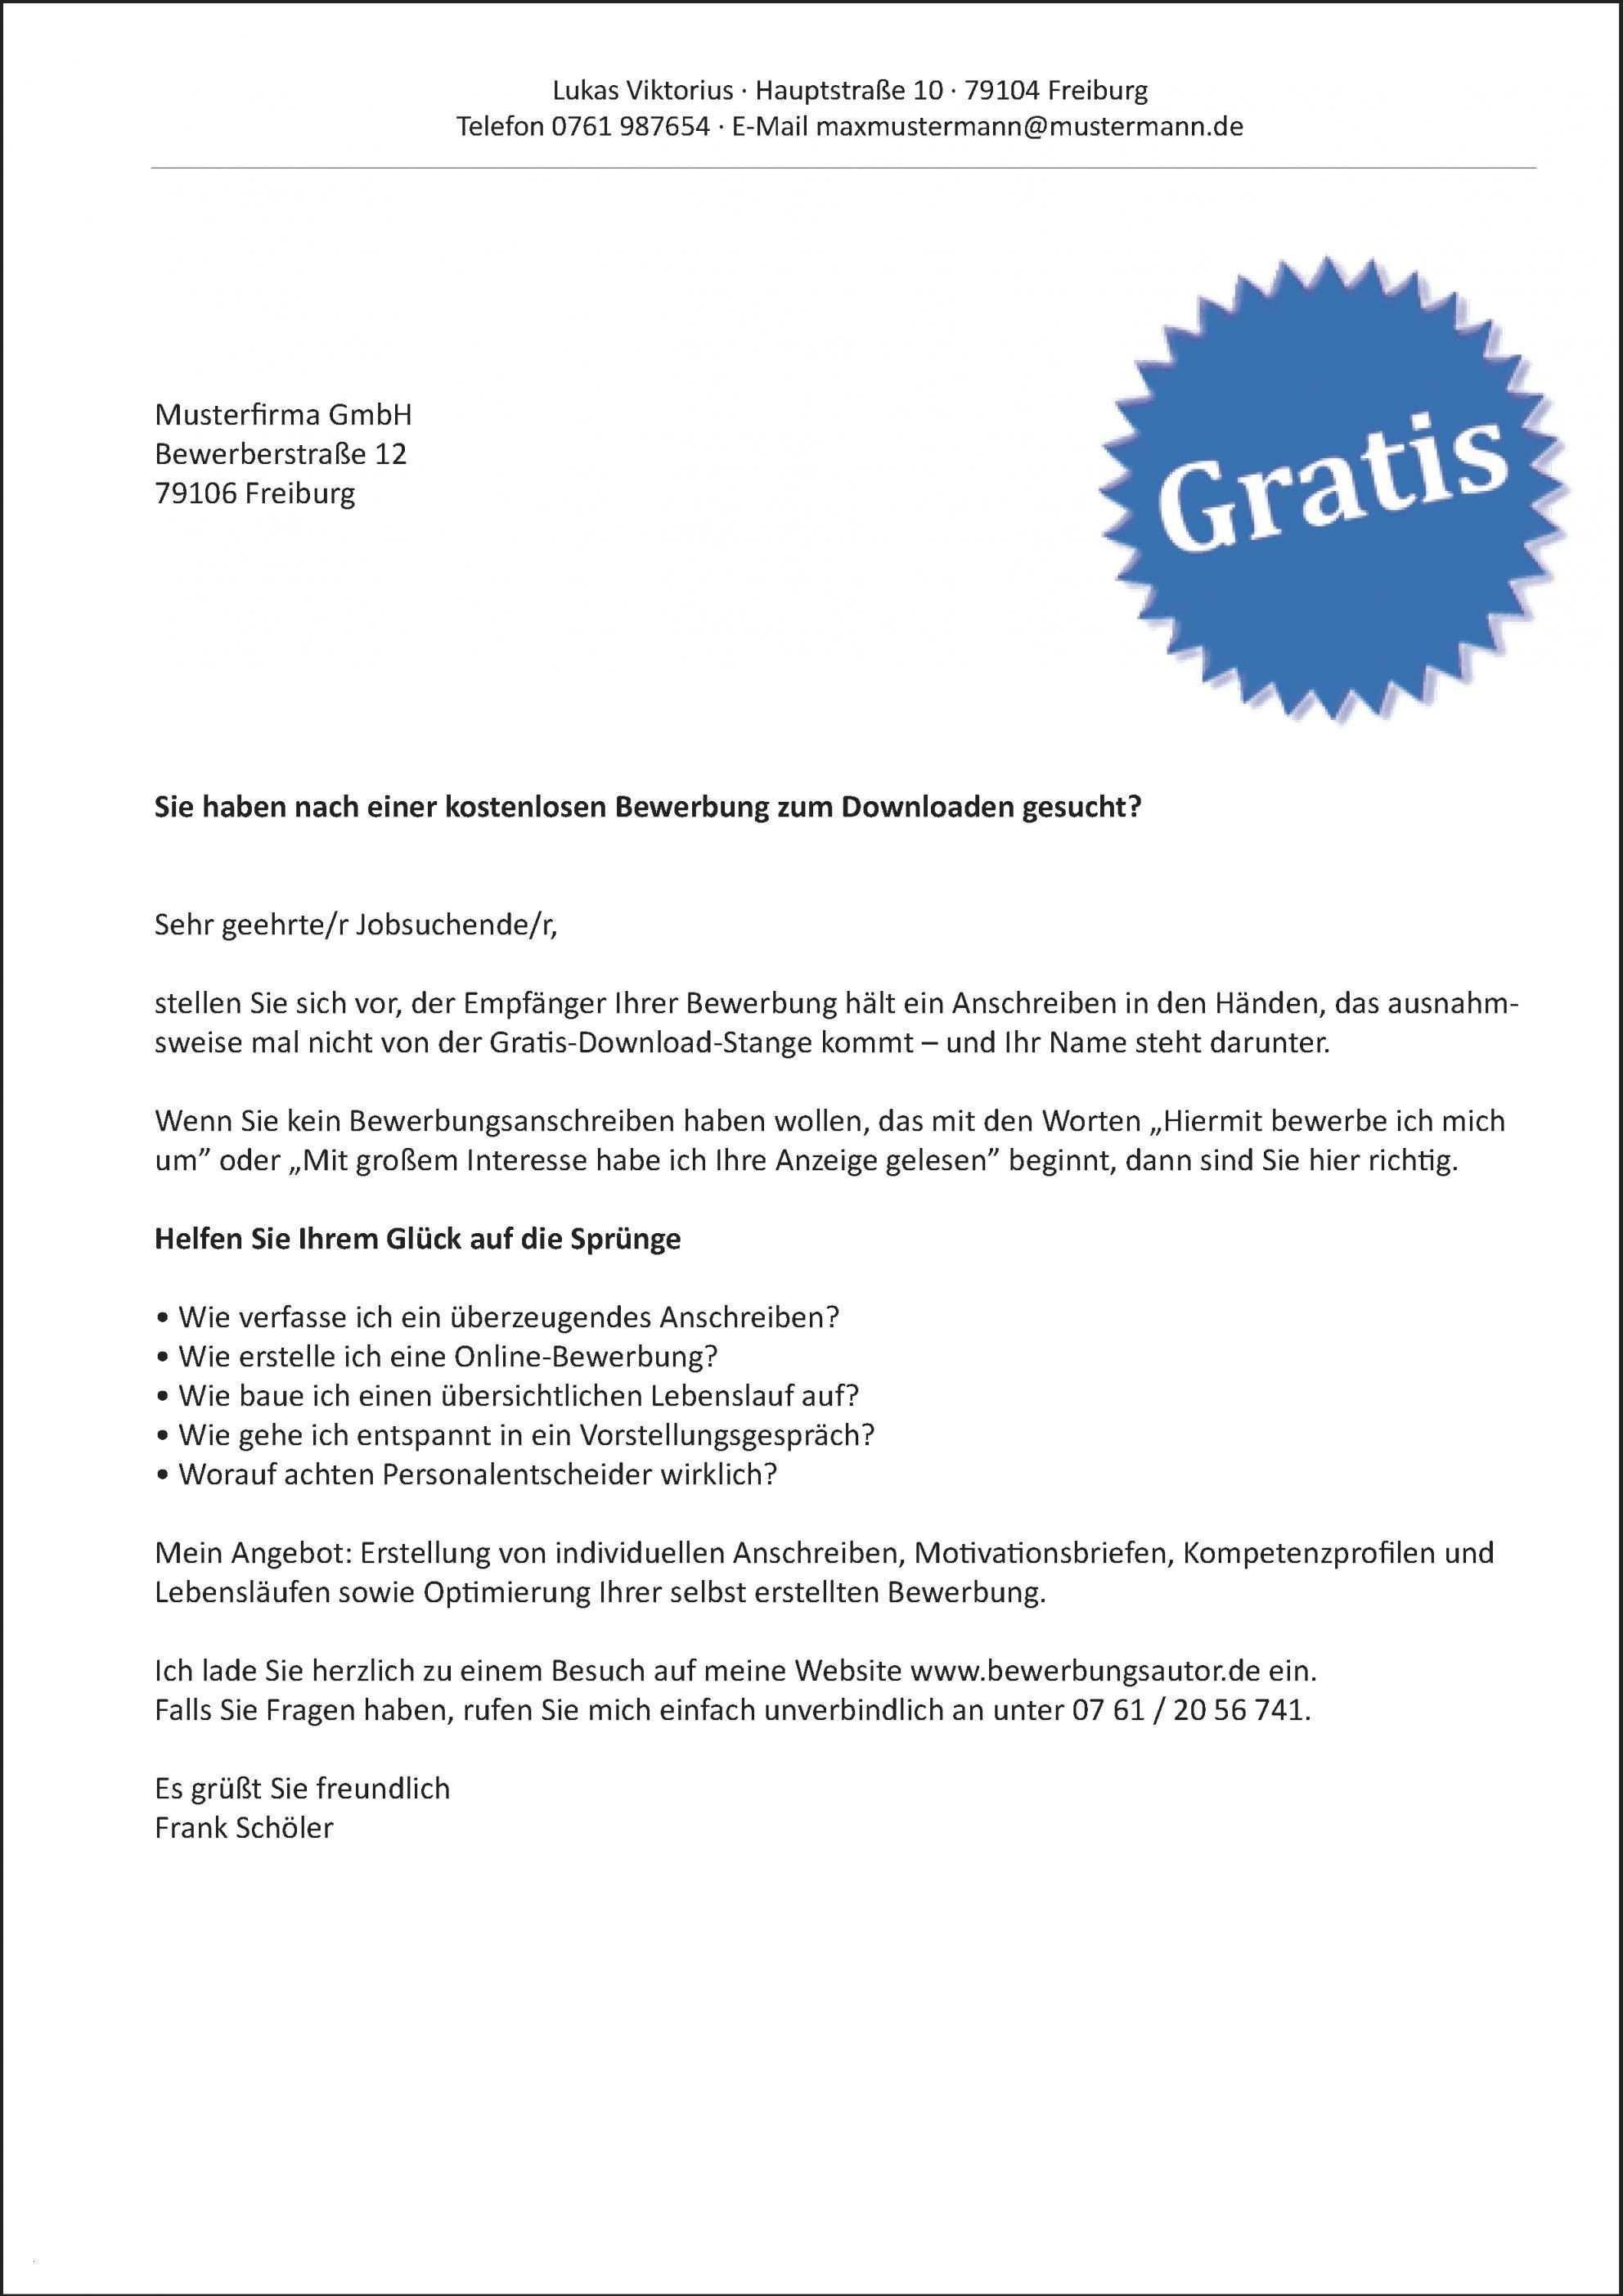 Neu Anschreiben Als Reinigungskraft Briefprobe Briefformat Briefvorlage Lebenslauf Vorlage Schuler Lebenslauf Lebenslauf Muster